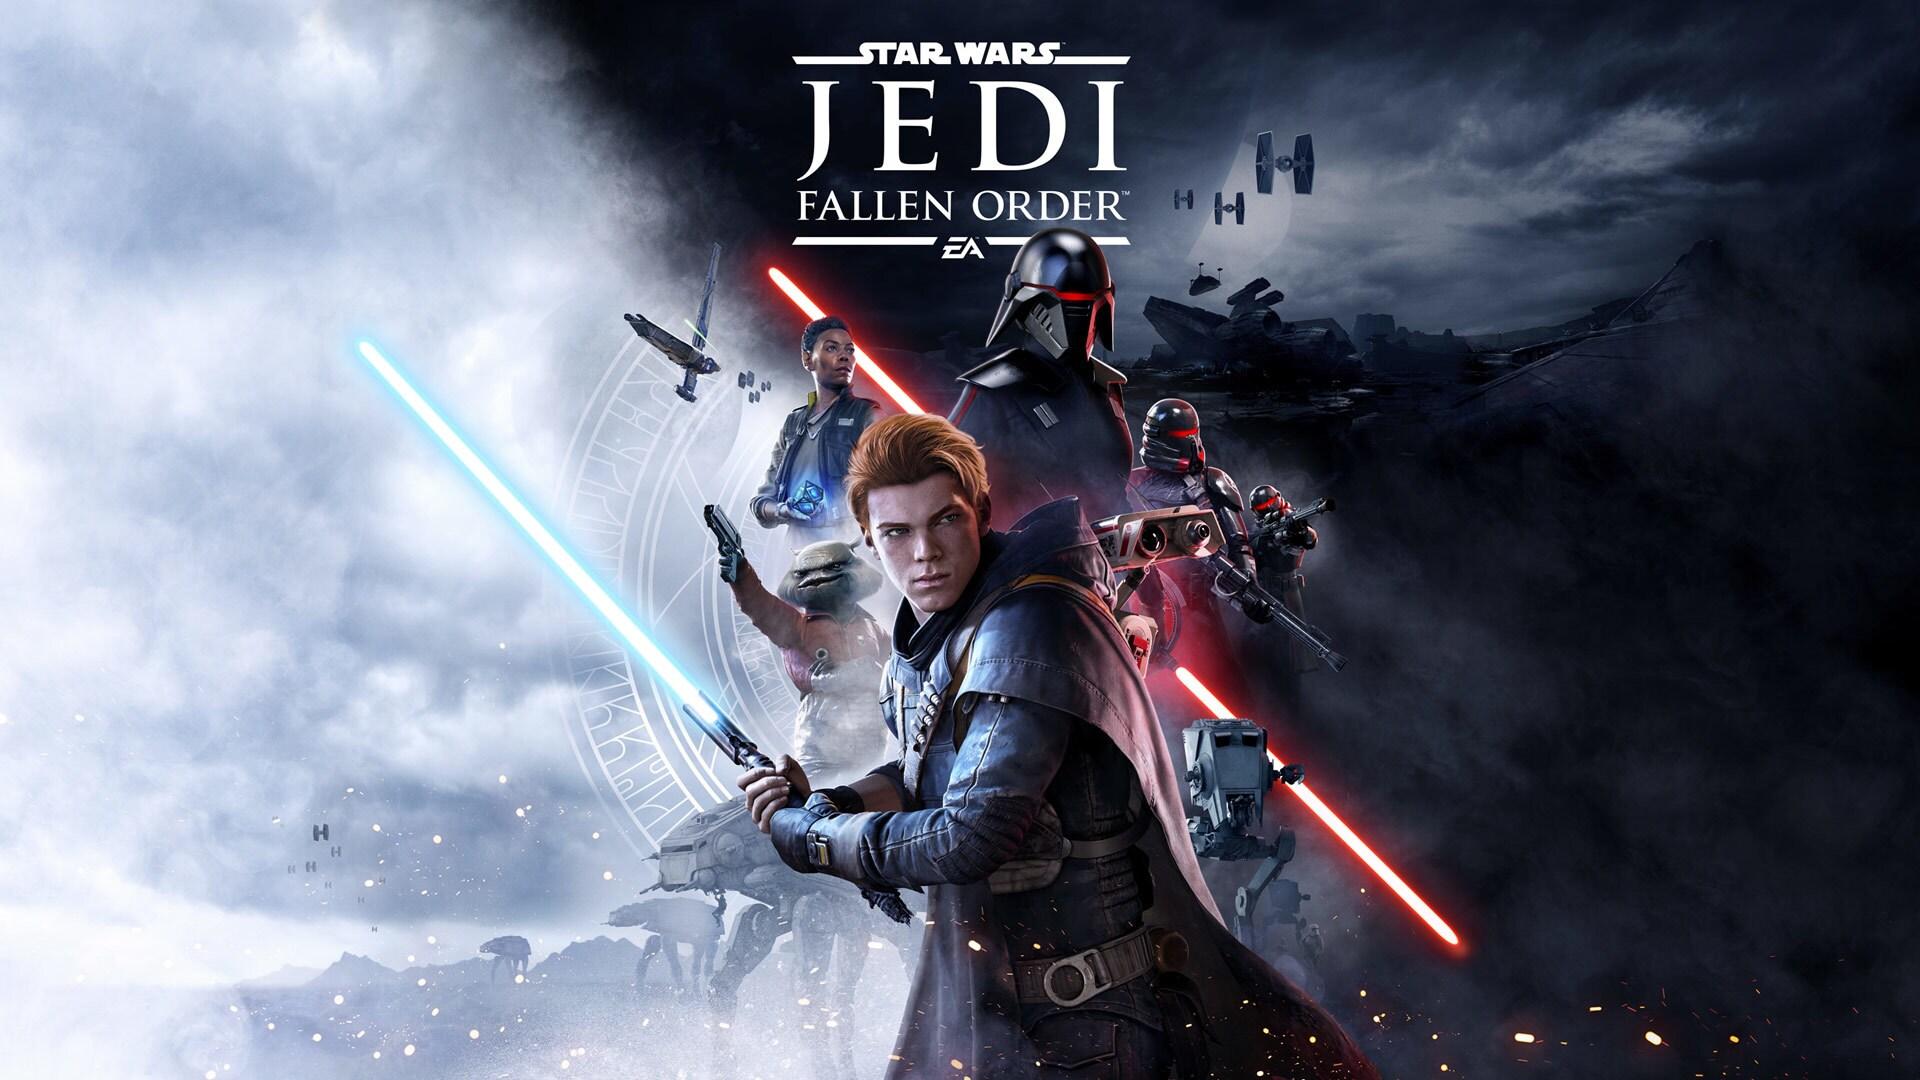 1080 1080 Star Order Wars Wars 66 X Clone